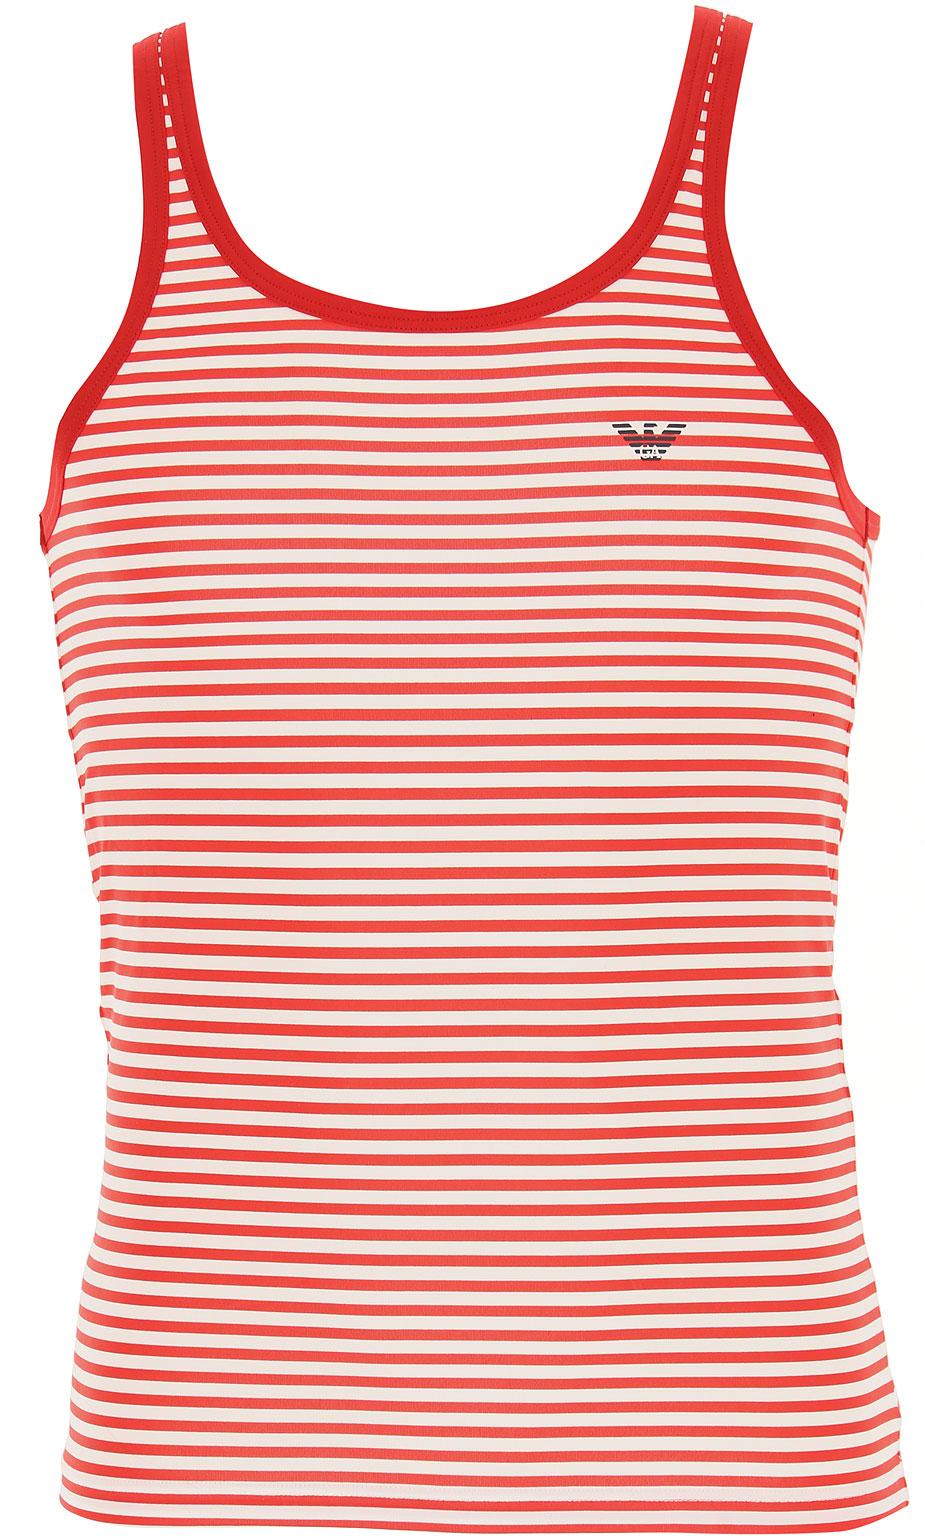 Abbigliamento Uomo Emporio Armani, Codice Articolo: 111865-7p535-01010